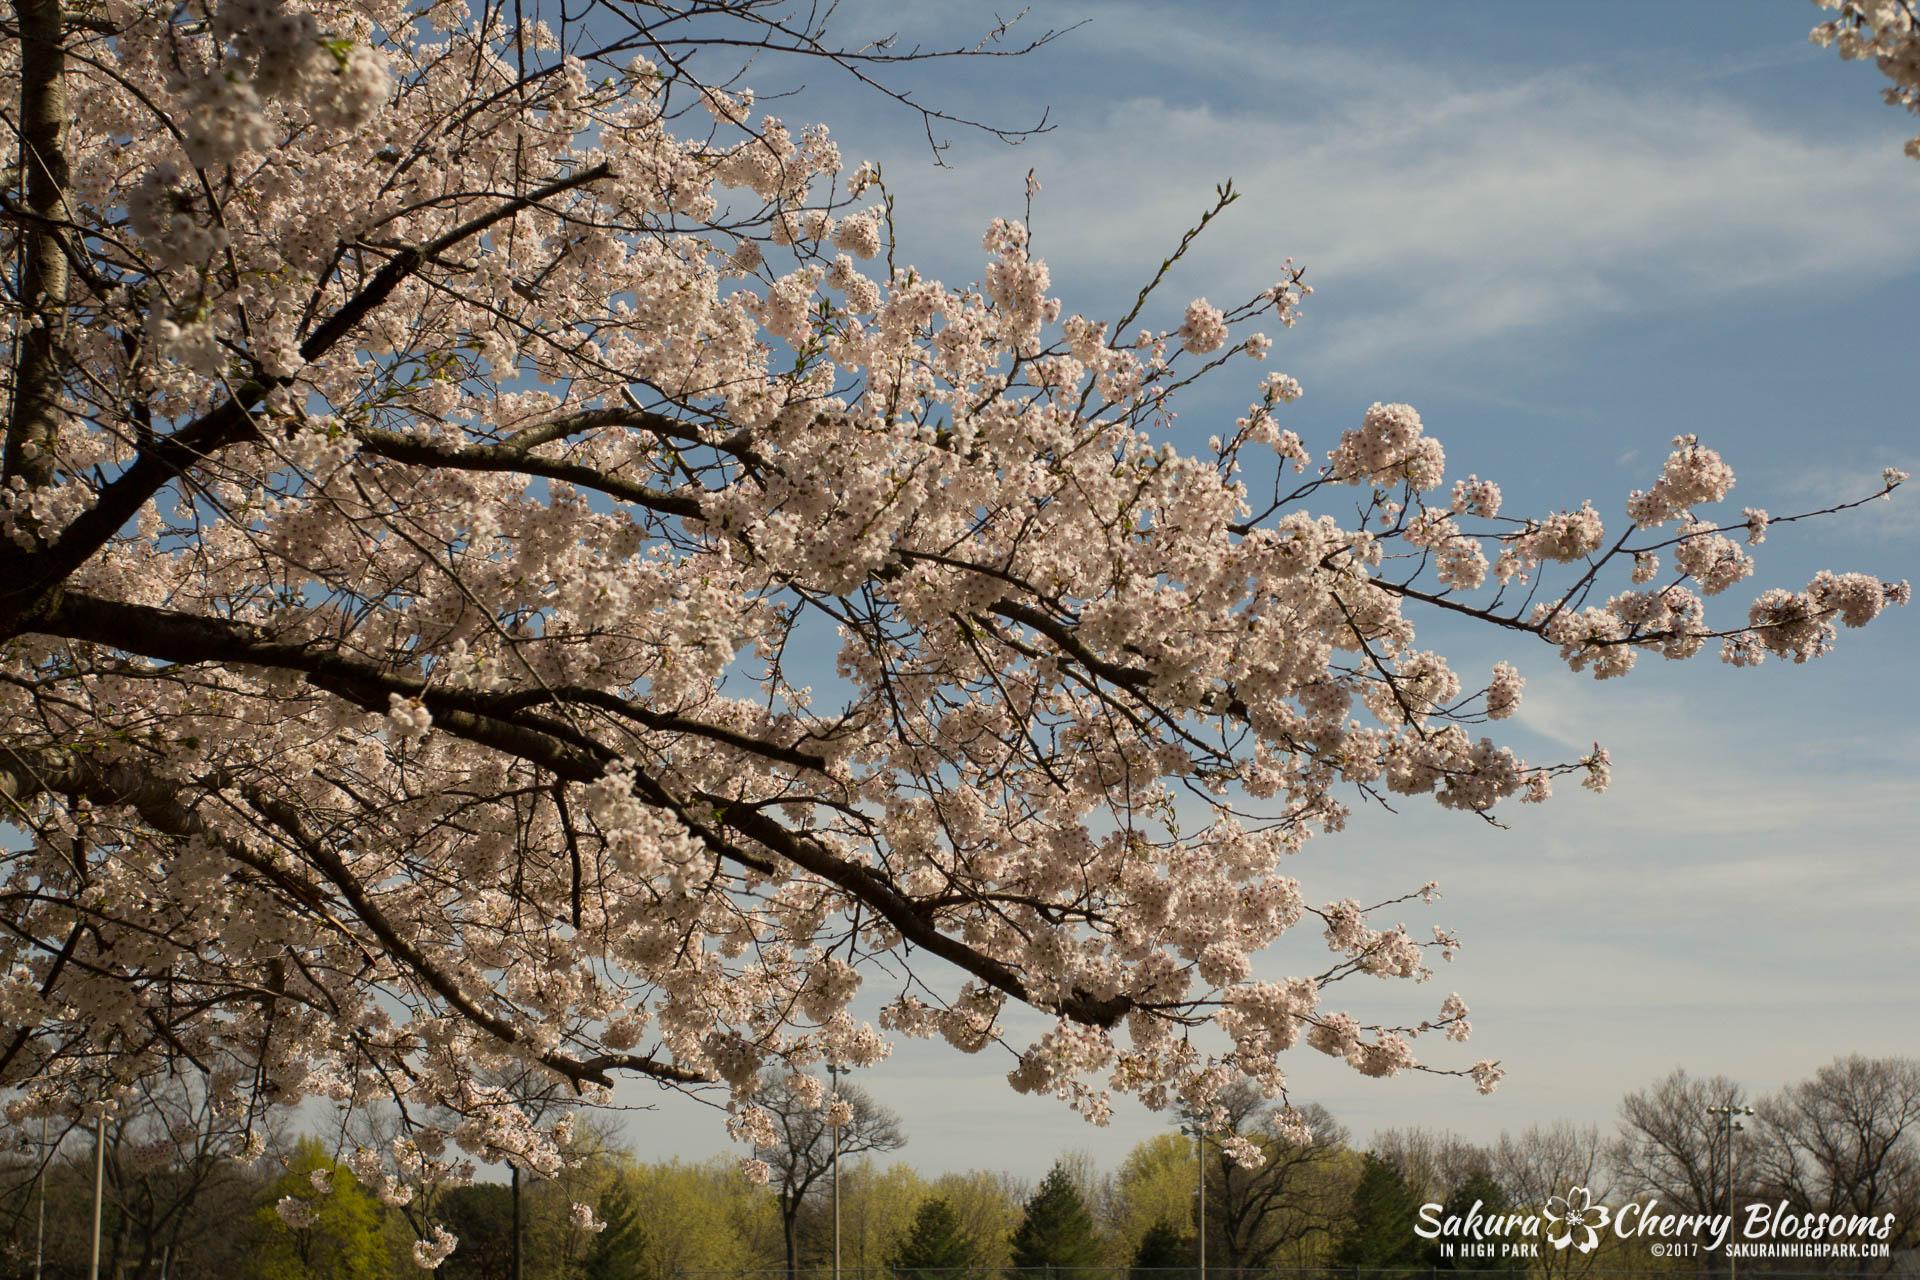 Sakura-Watch-April-28-2017-full-bloom-throughout-High-Park-5619.jpg